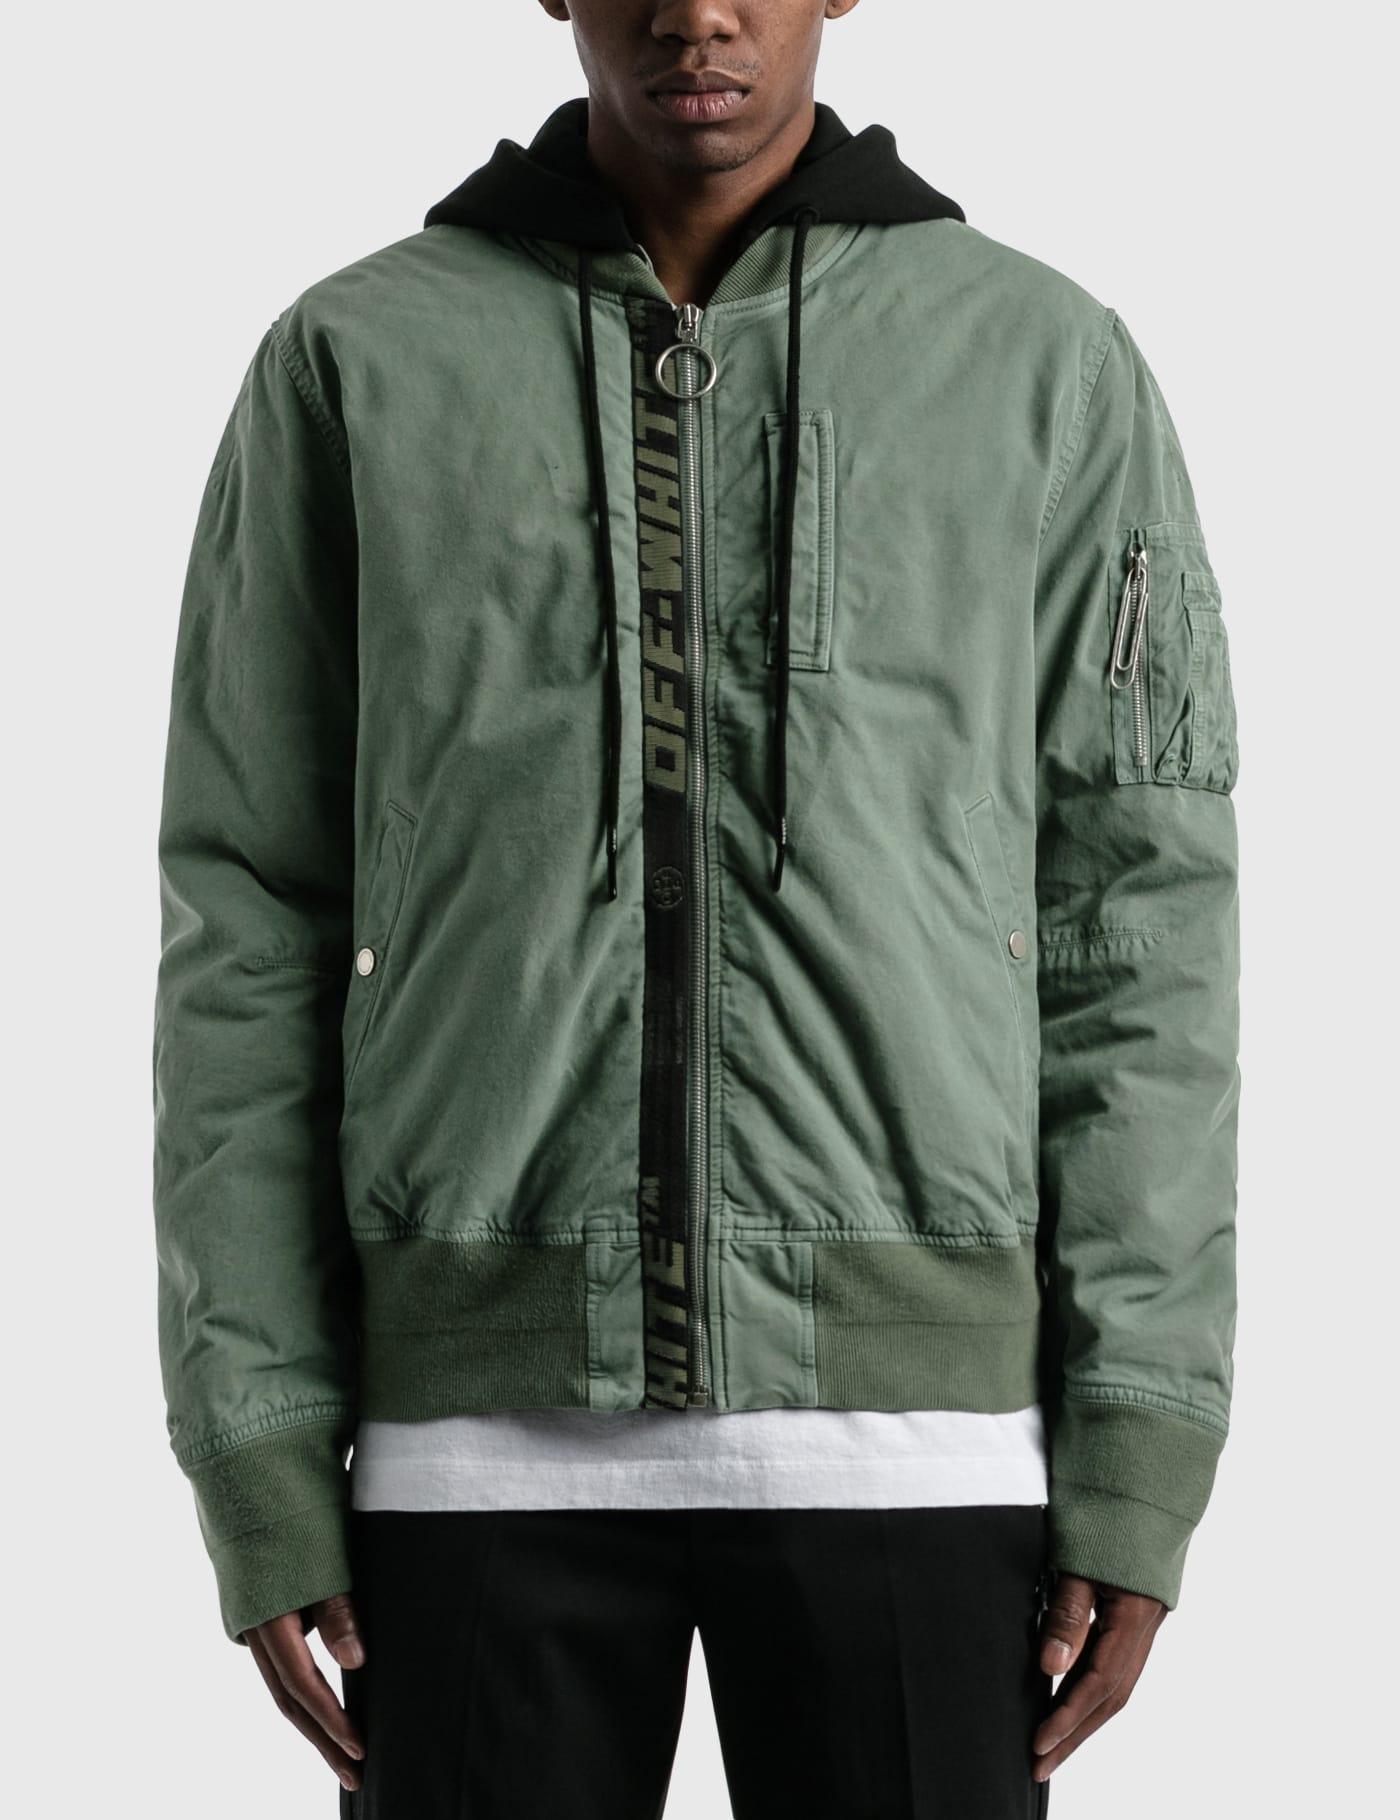 Arrow Vintage Bomber Jacket